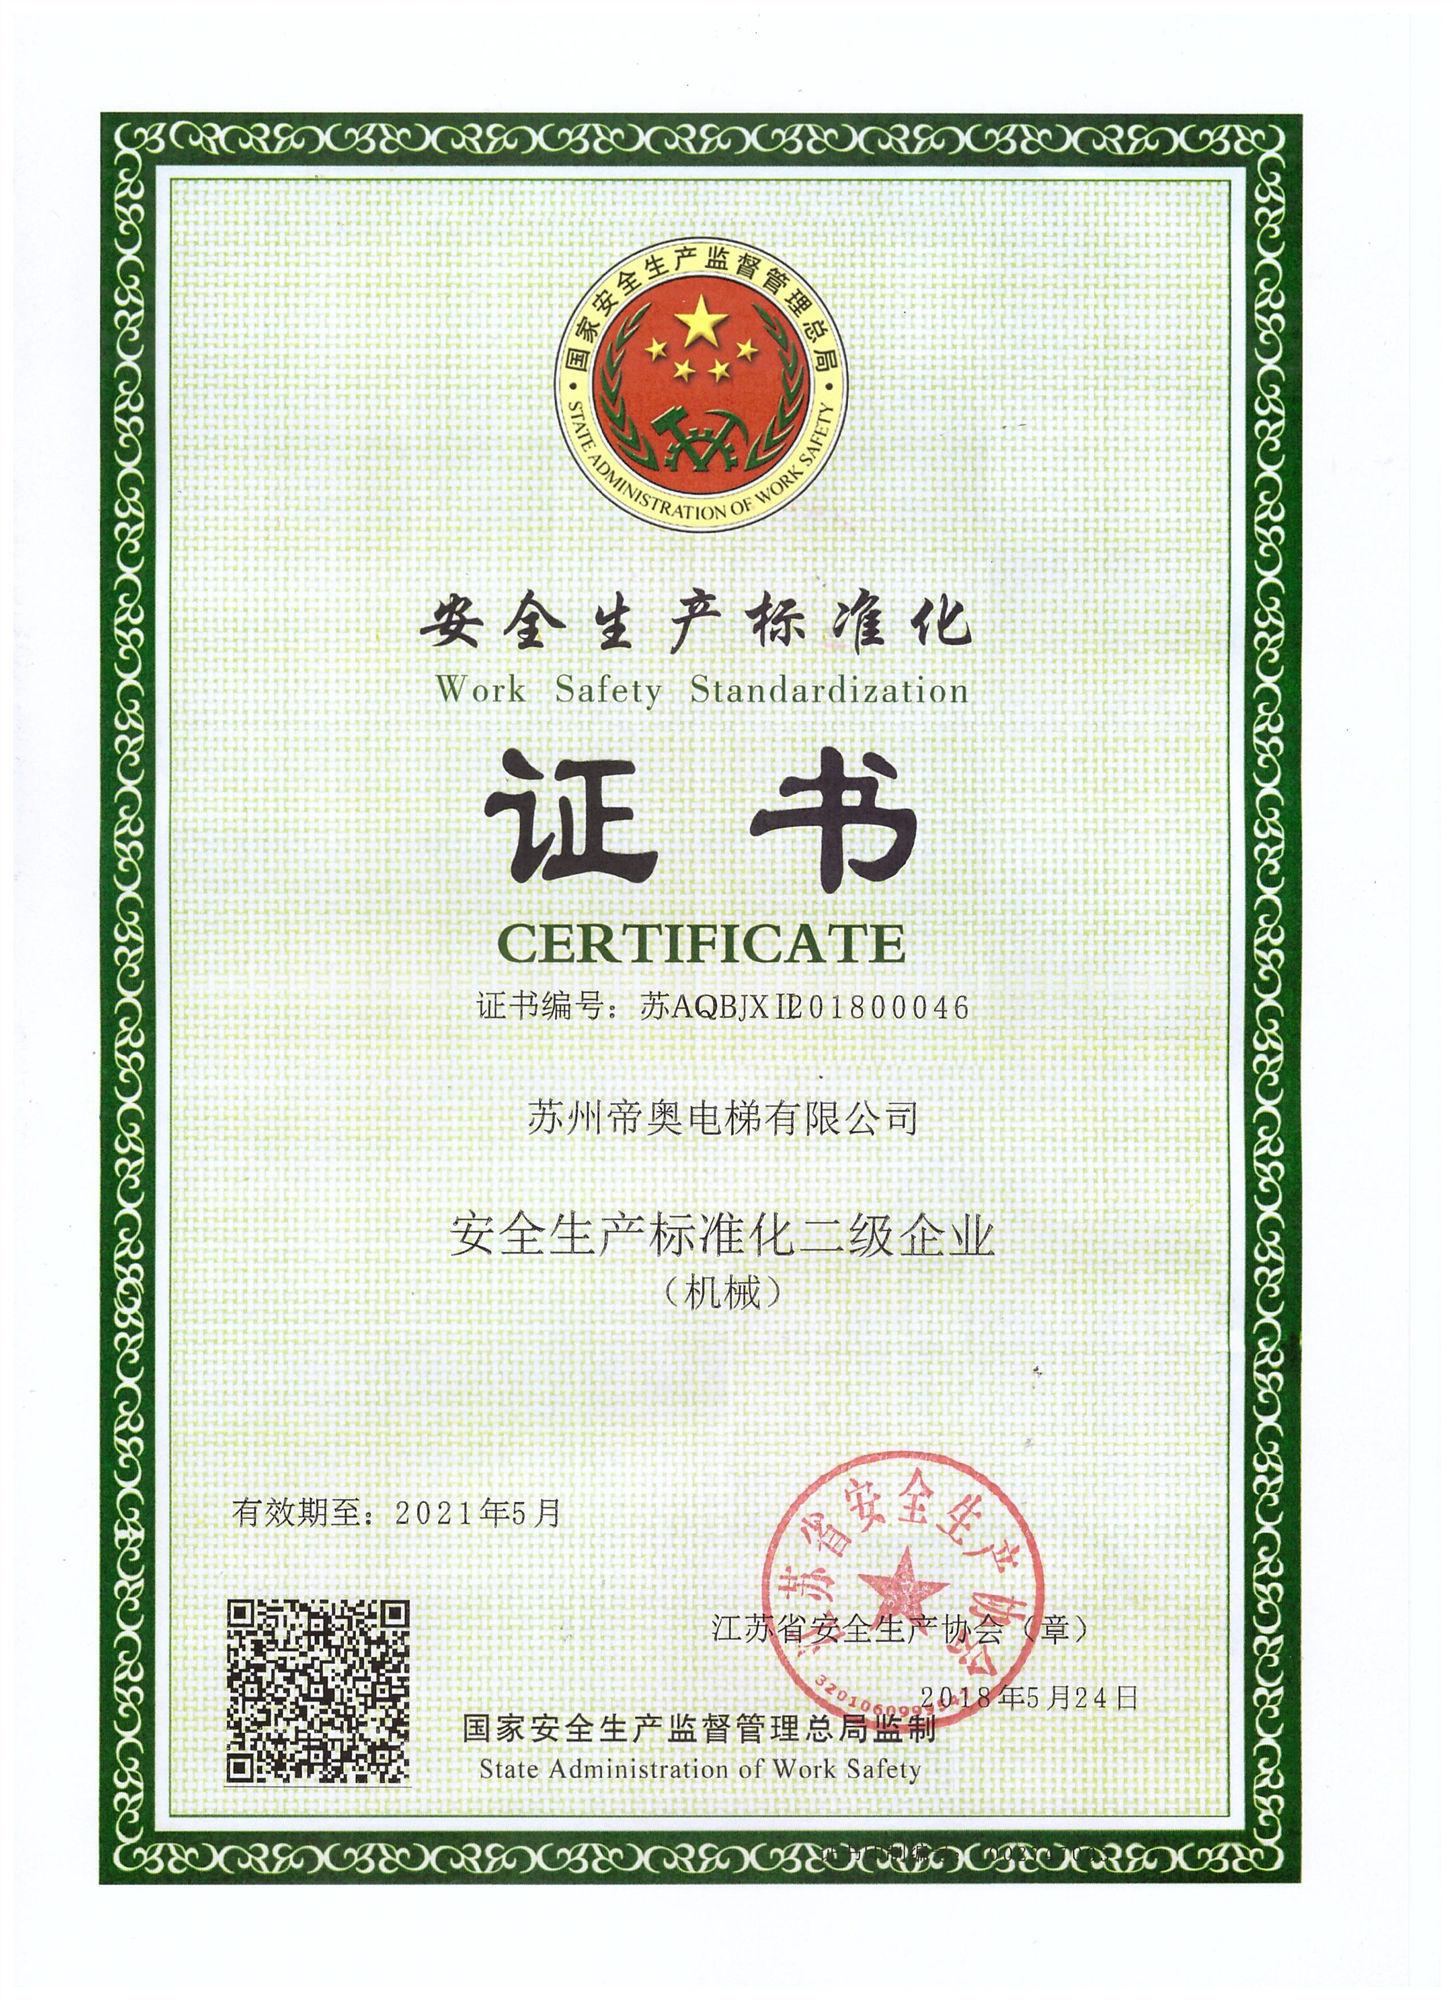 国家质量监督总局_国家质量监督总局--安全生产标准化认证 - 德国GMDEO帝奥电梯天津 ...